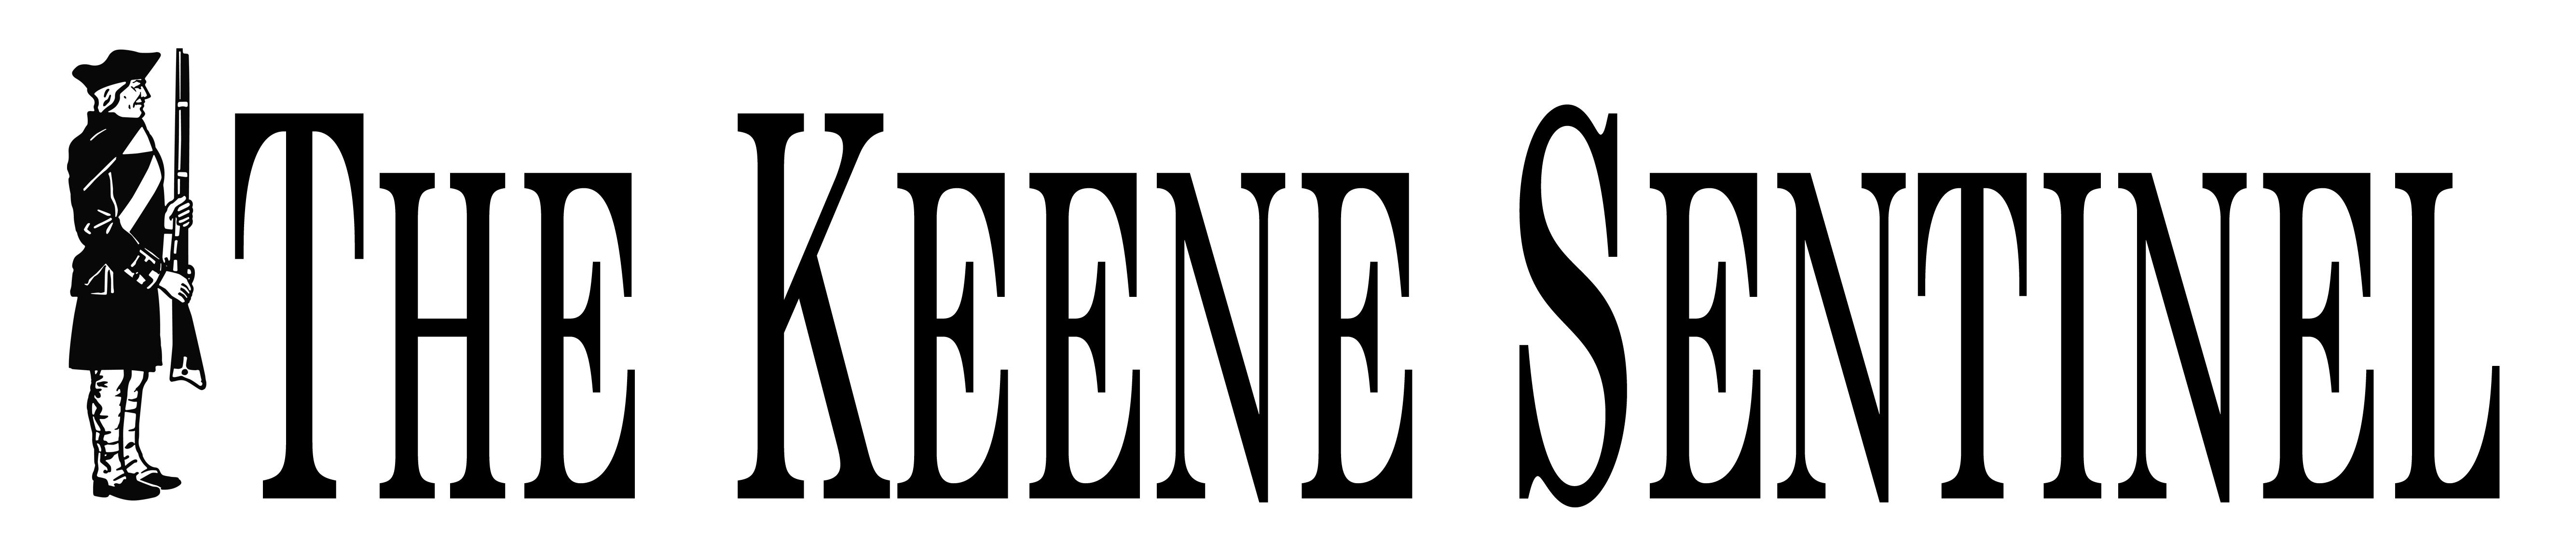 Keene Sentinel